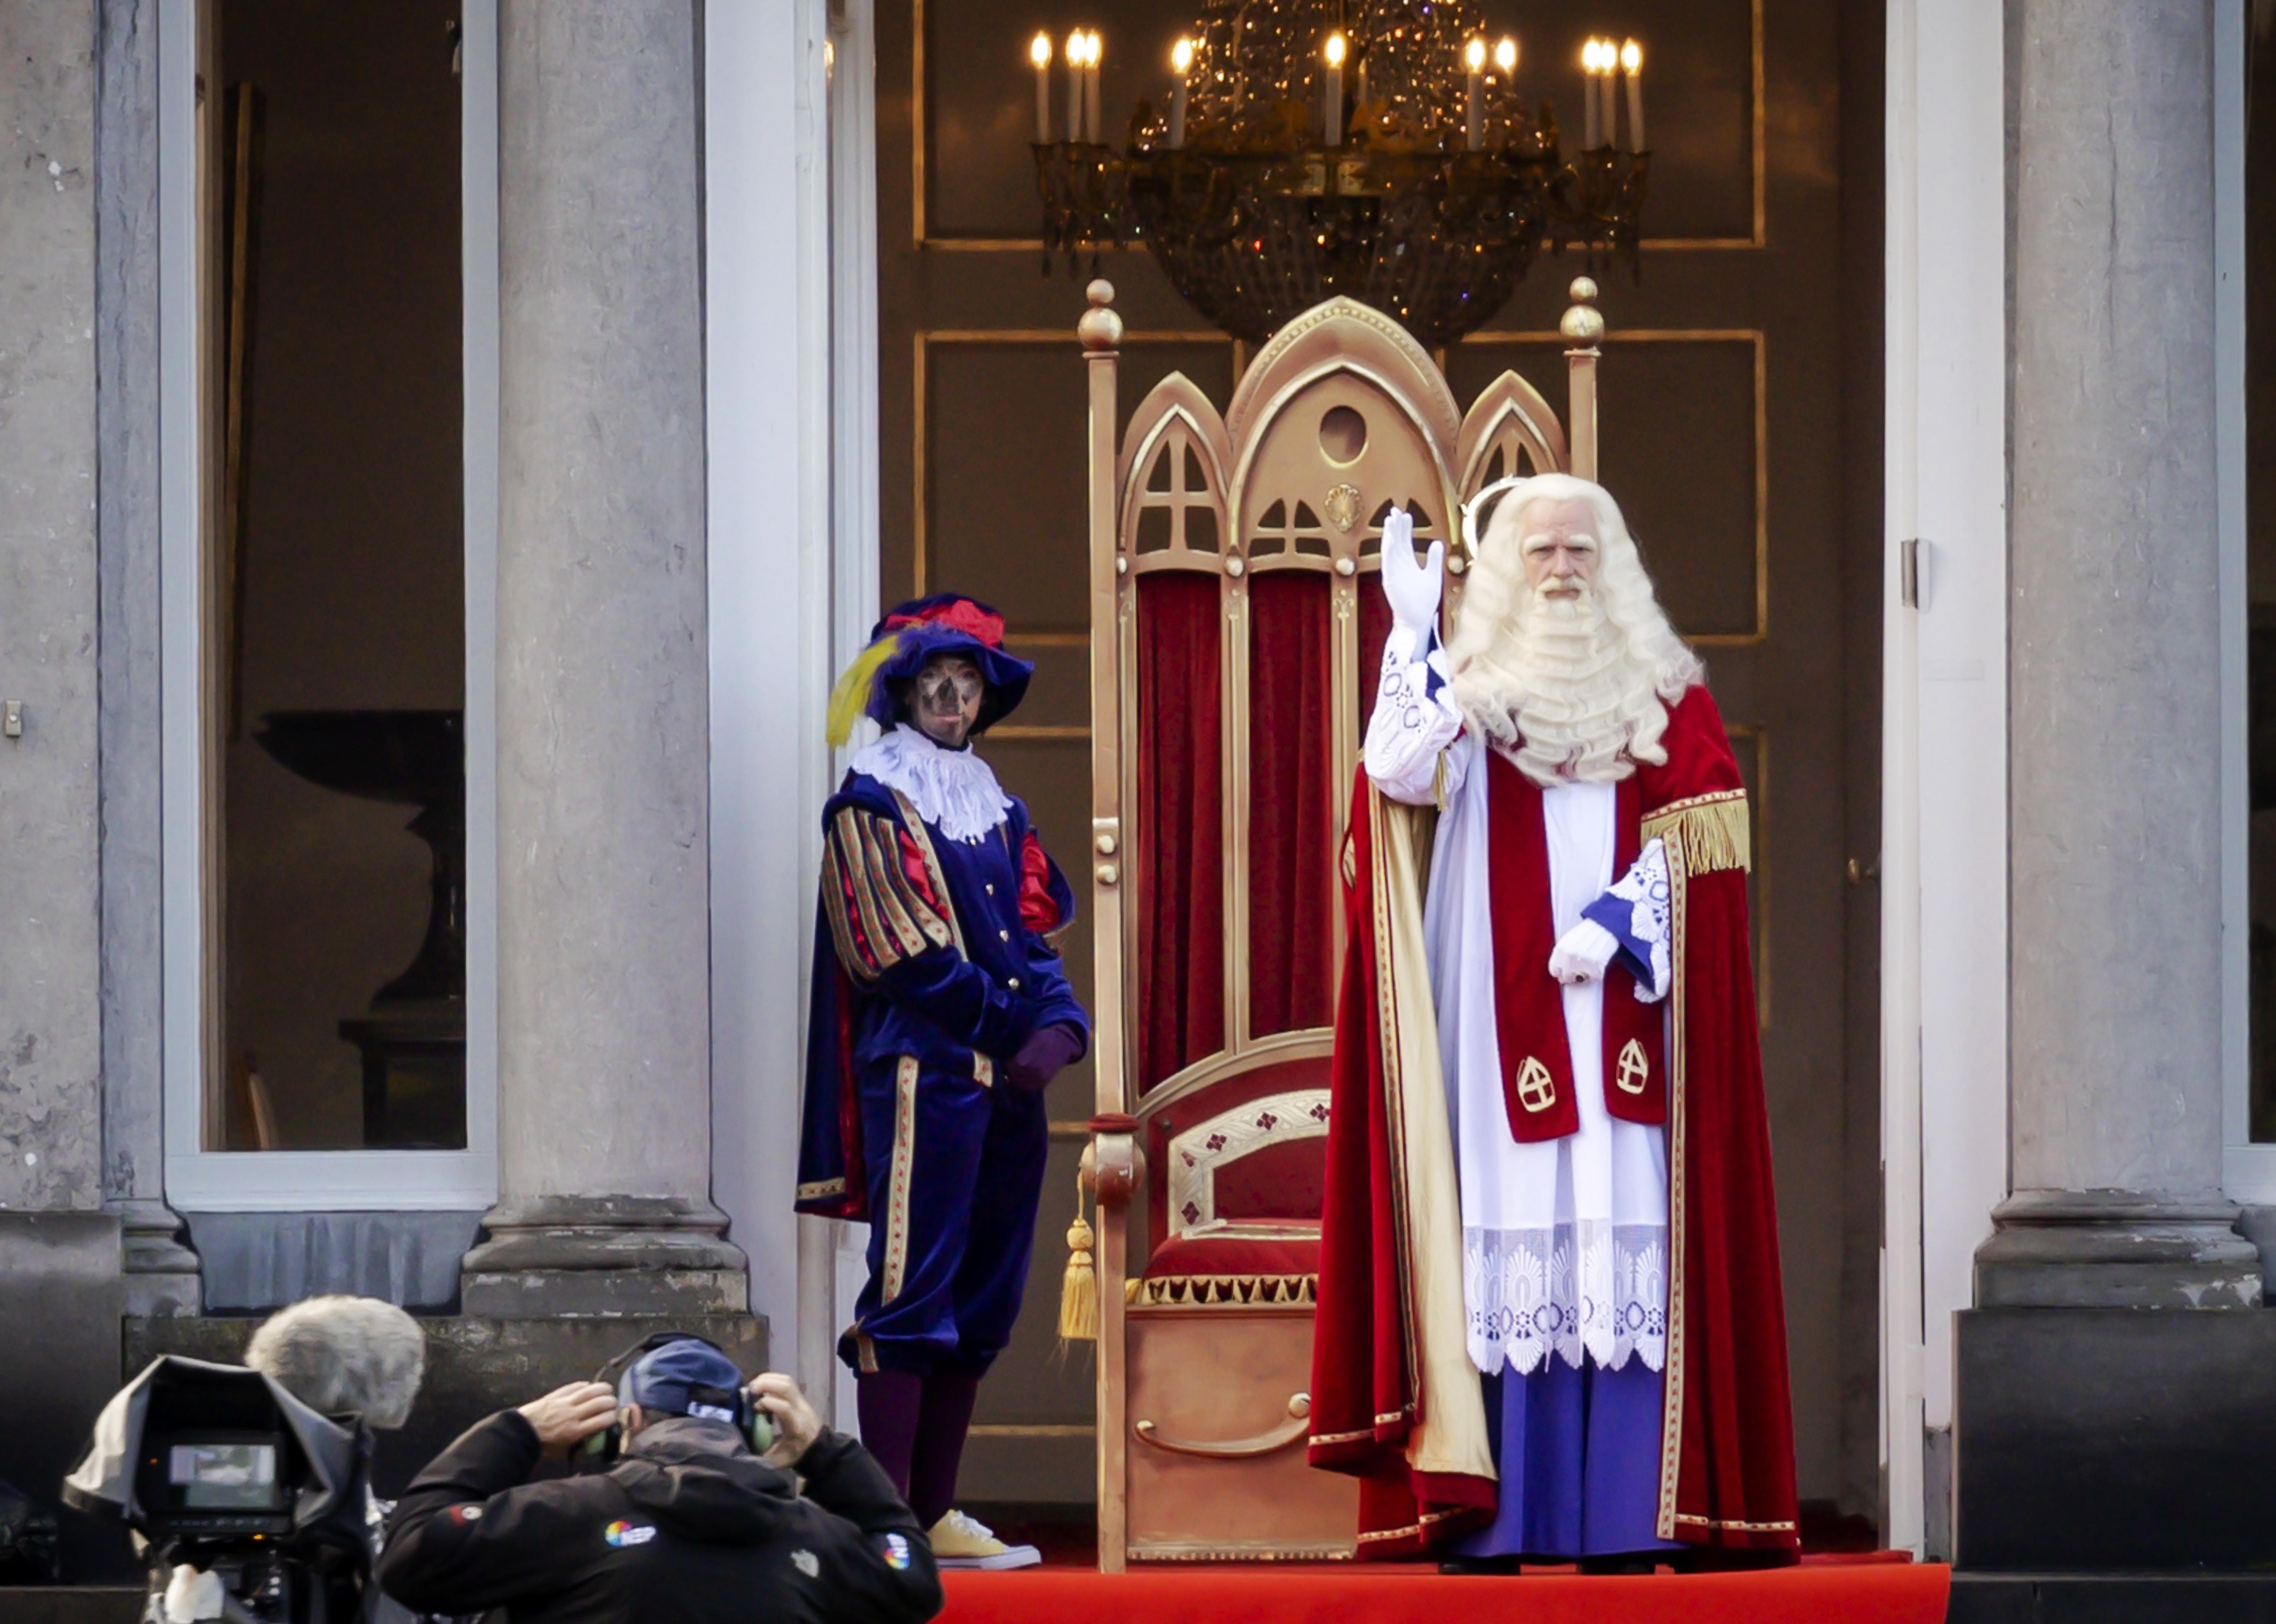 Sinterklaas is weer in het land; opzet intocht lijkt op defilés van koningin Juliana bij paleis Soestdijk